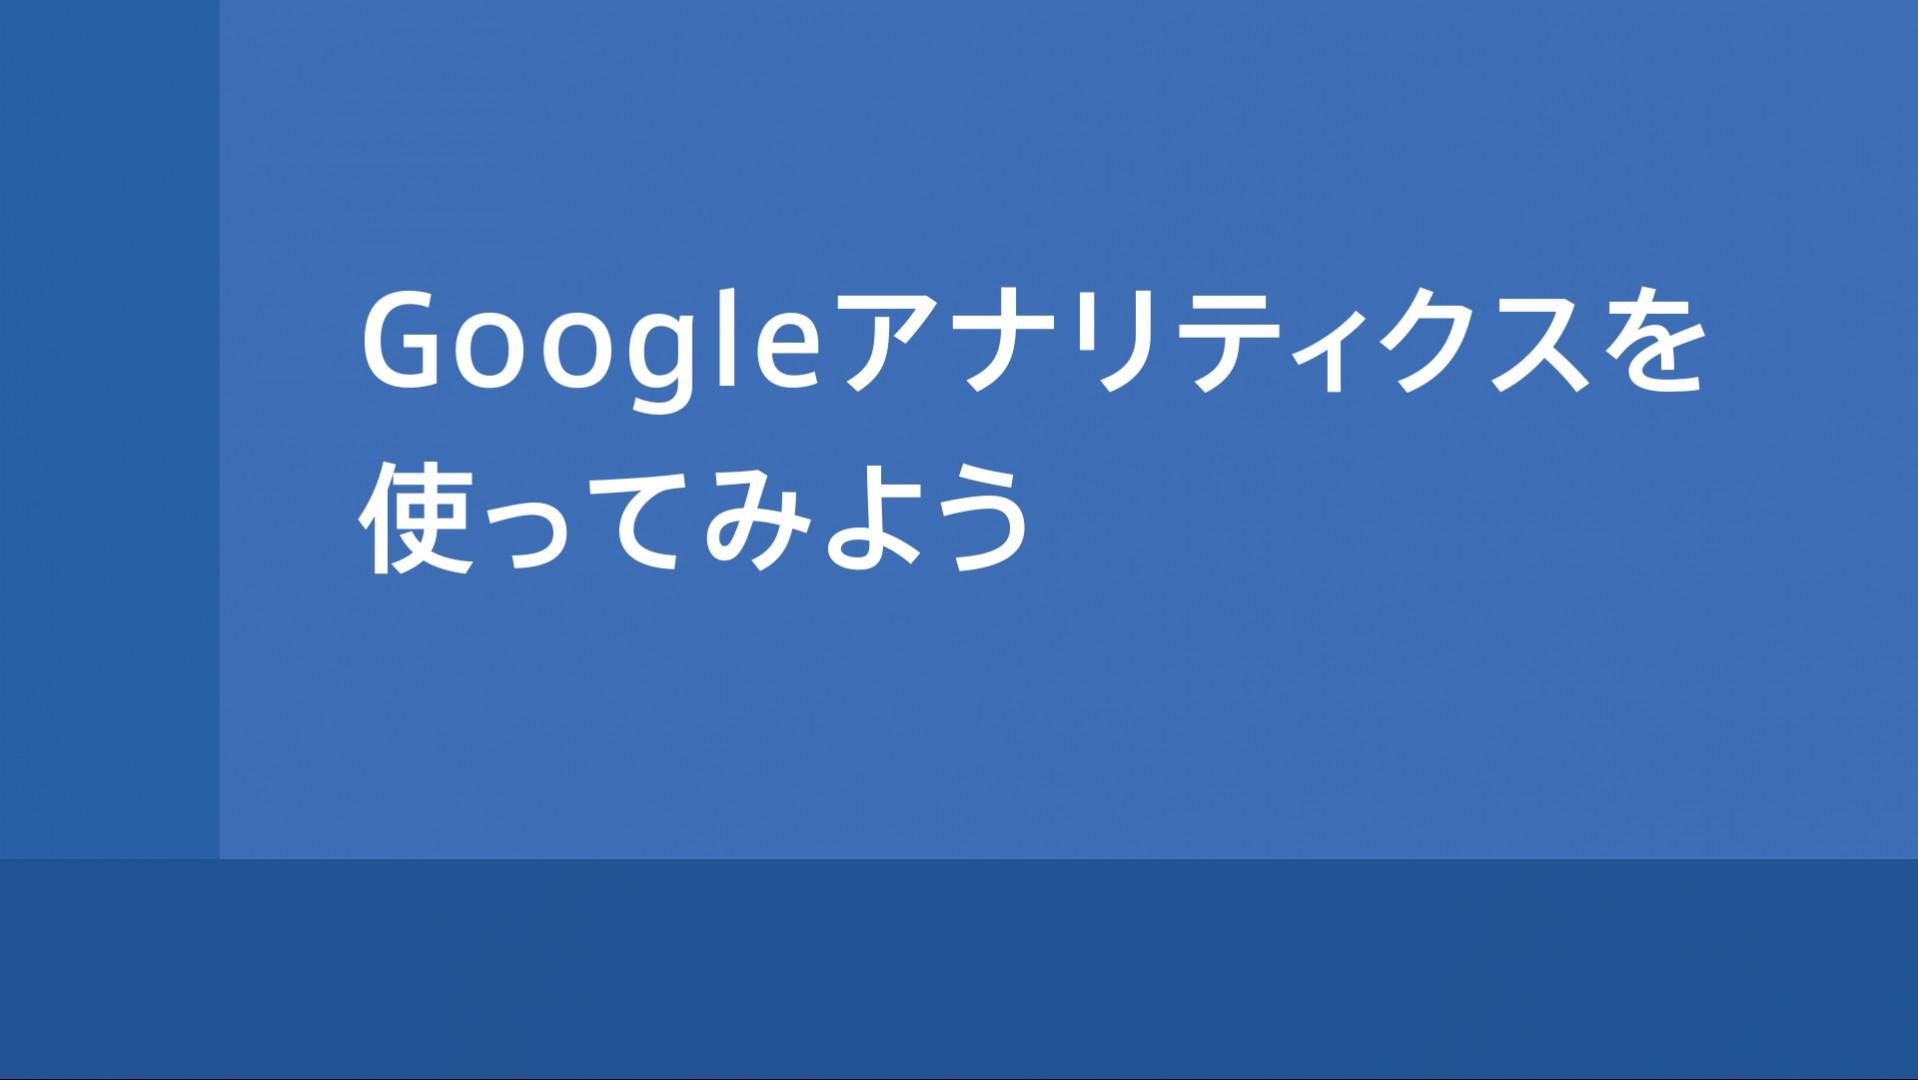 アカウントを共有する方法 Google Analytics 使い方